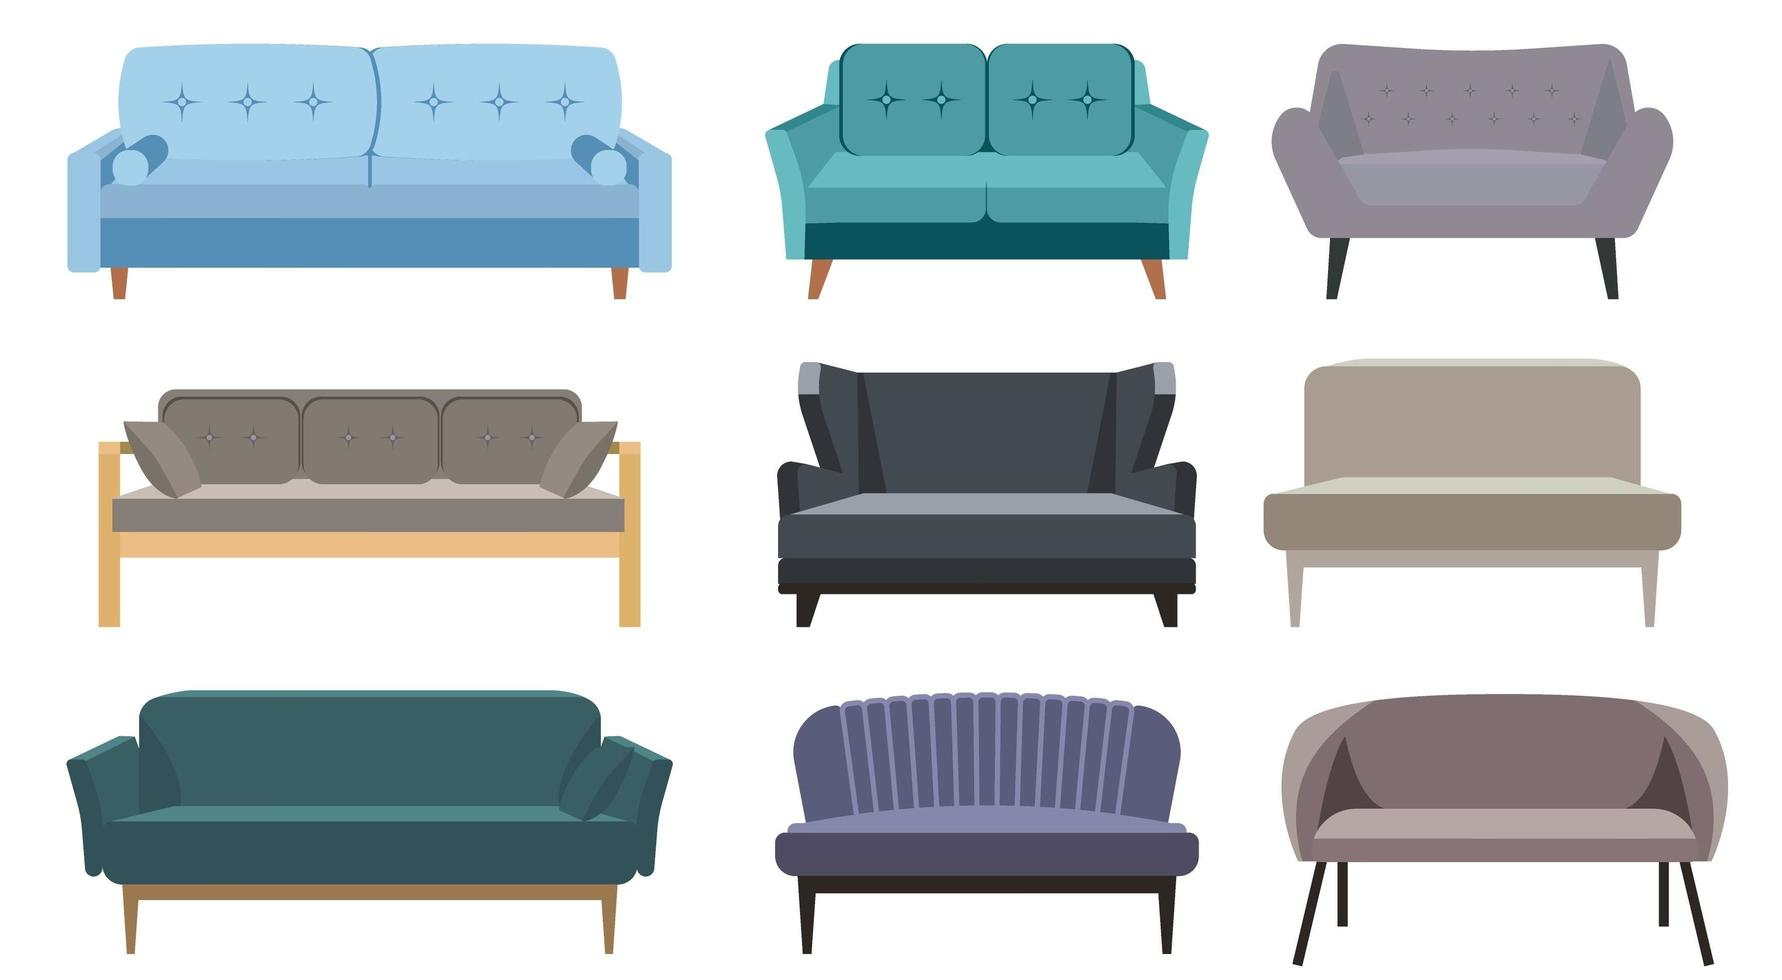 colección de sofás en estilo plano vector